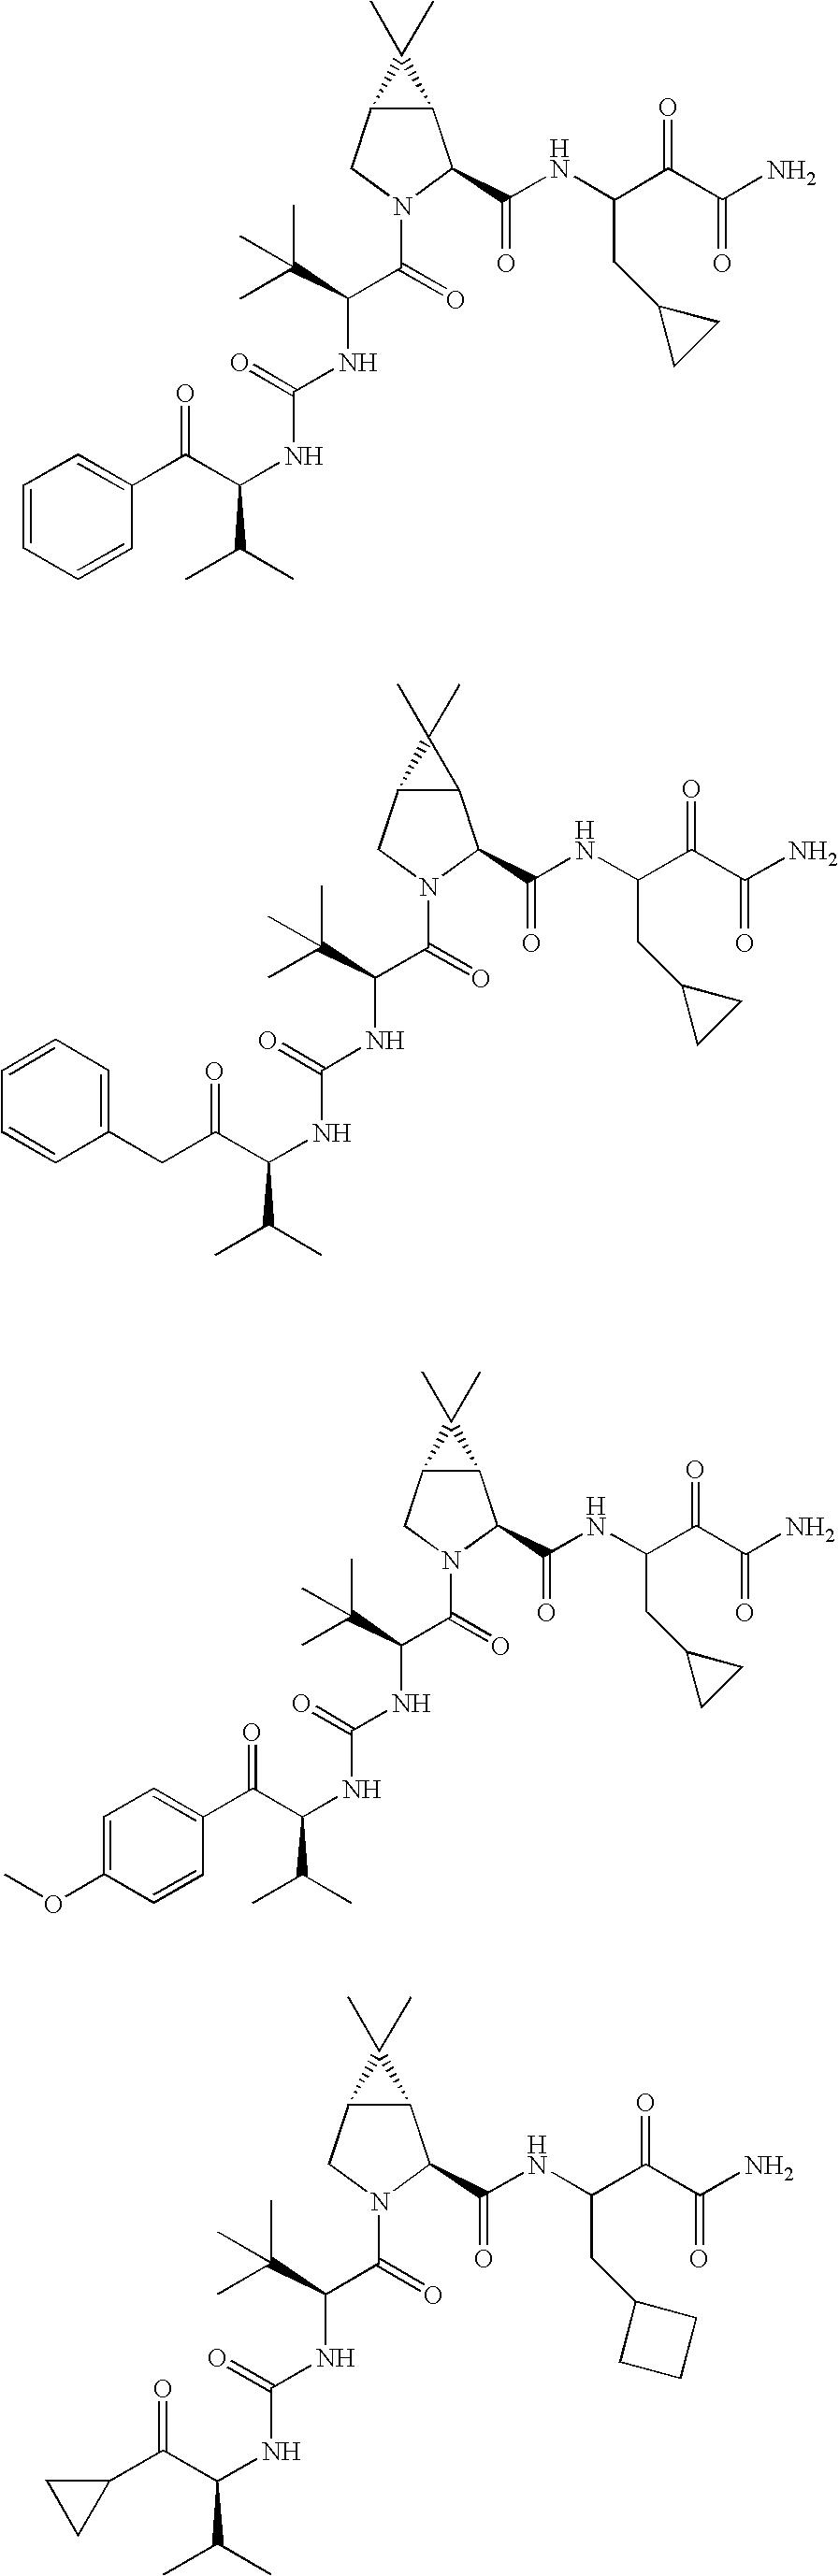 Figure US20060287248A1-20061221-C00210